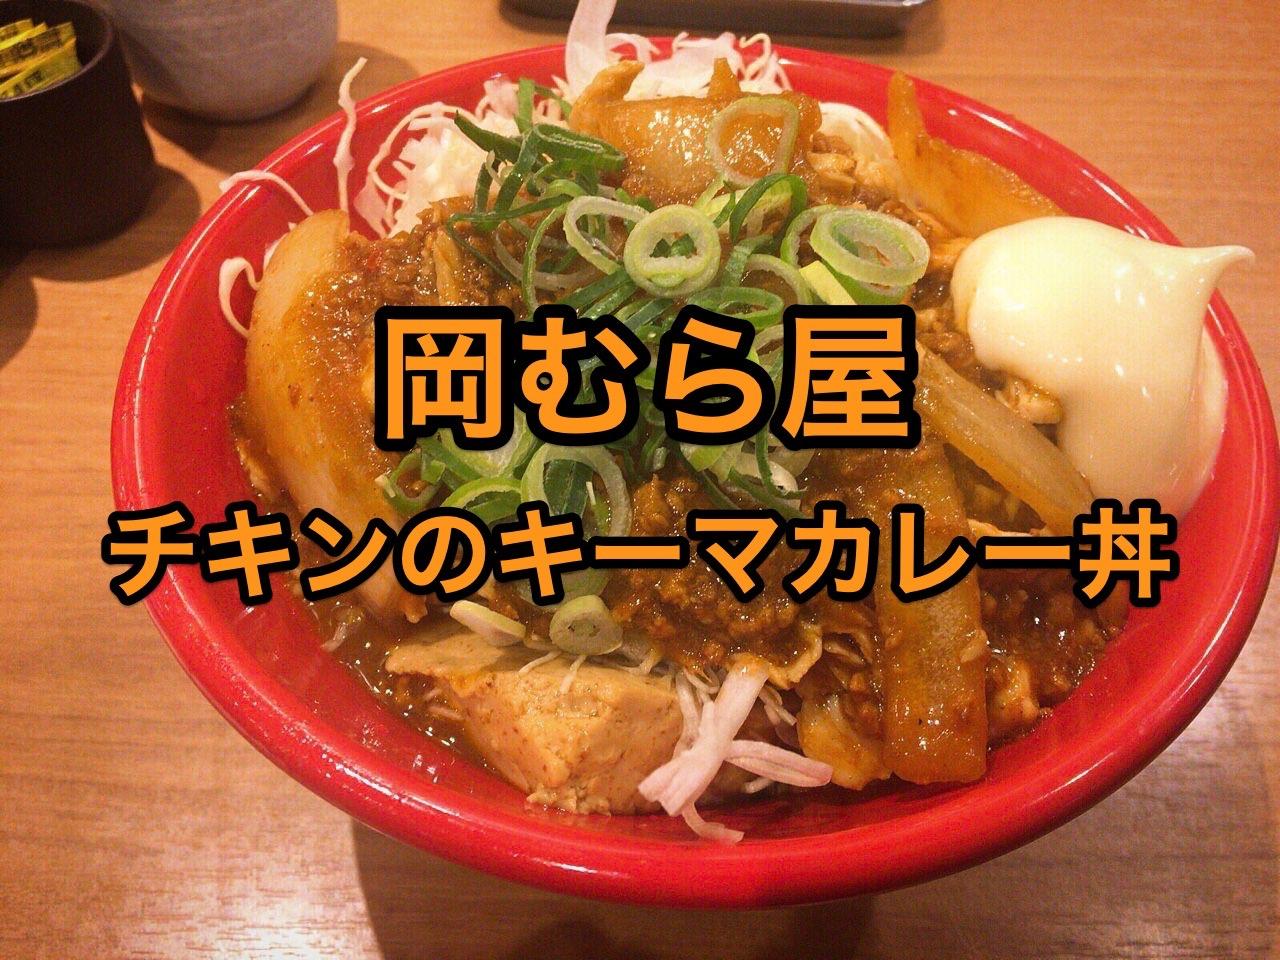 【岡むら屋】辛鶏肉!「チキンのキーマカレー丼」を食べましたマン。